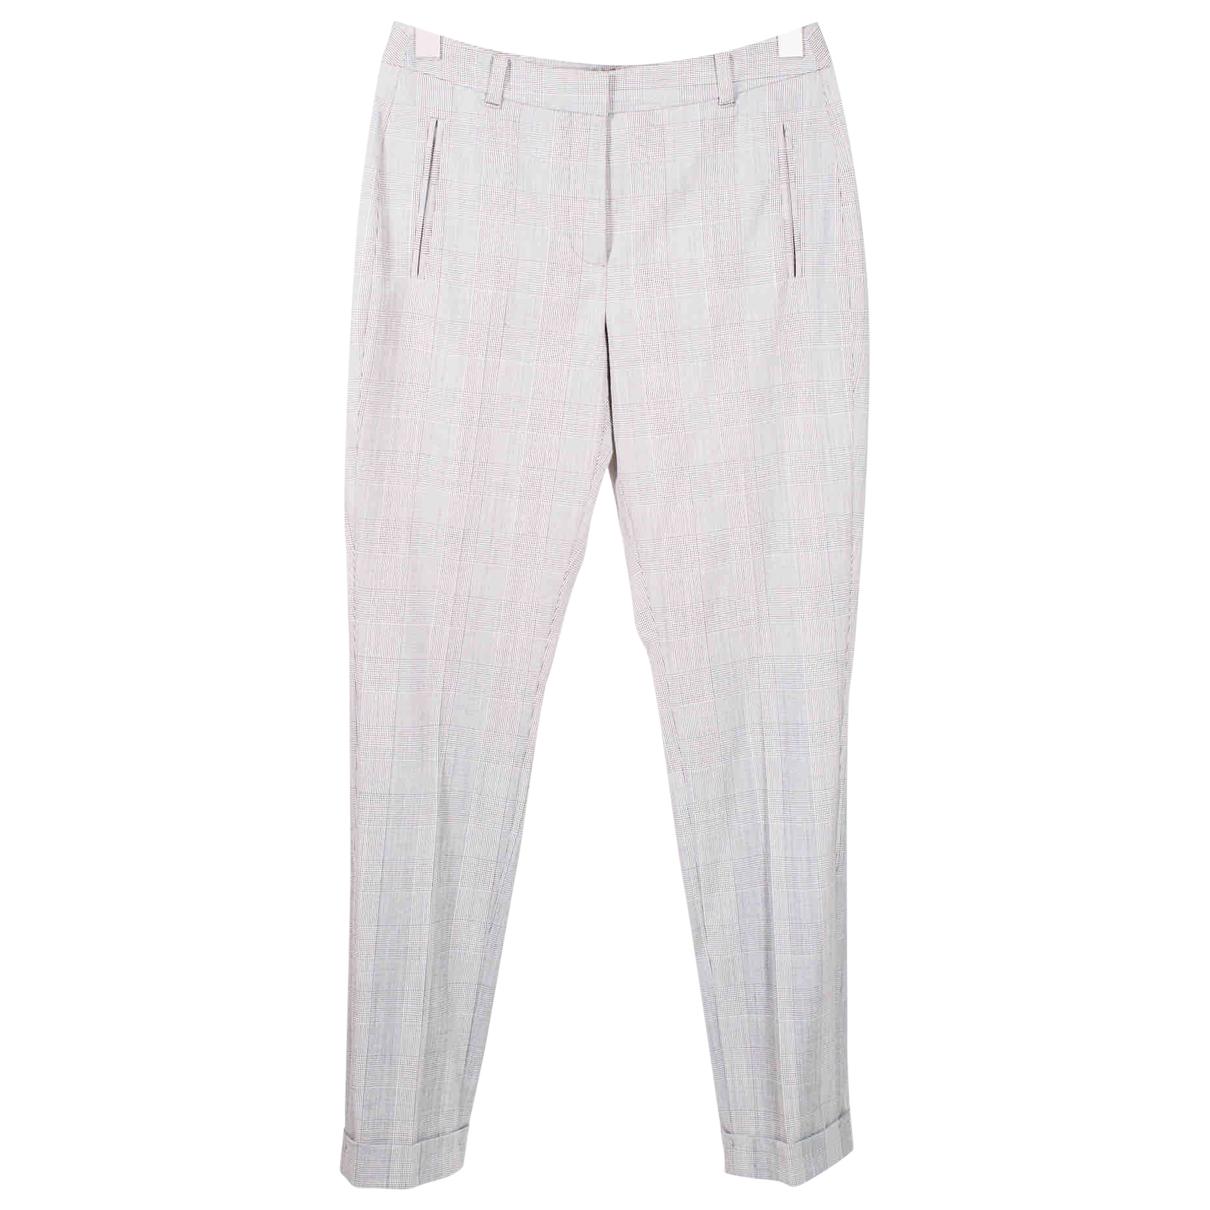 Lk Bennett \N Grey Wool Trousers for Women 36 FR